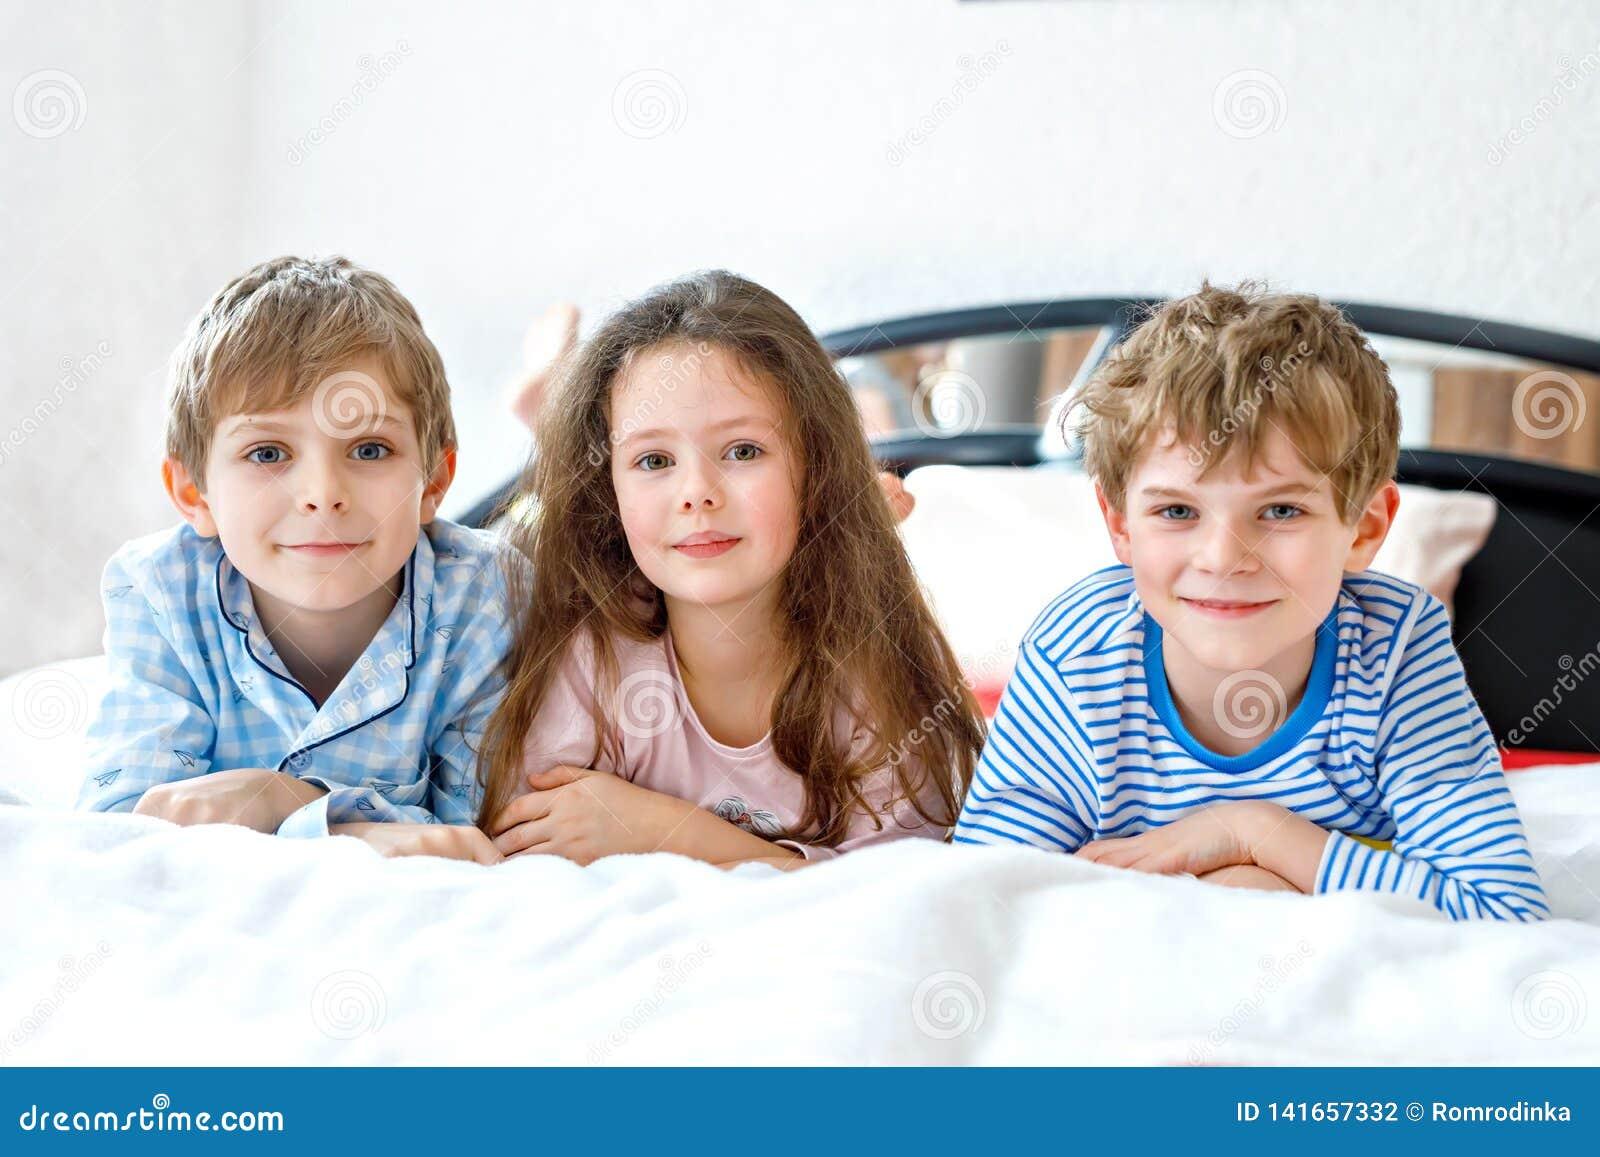 Drei glückliche Kinder in den Pyjamas Pyjamapartei feiernd Vorschule und Schuljungen und -mädchen, die Spaß zusammen haben Kinder